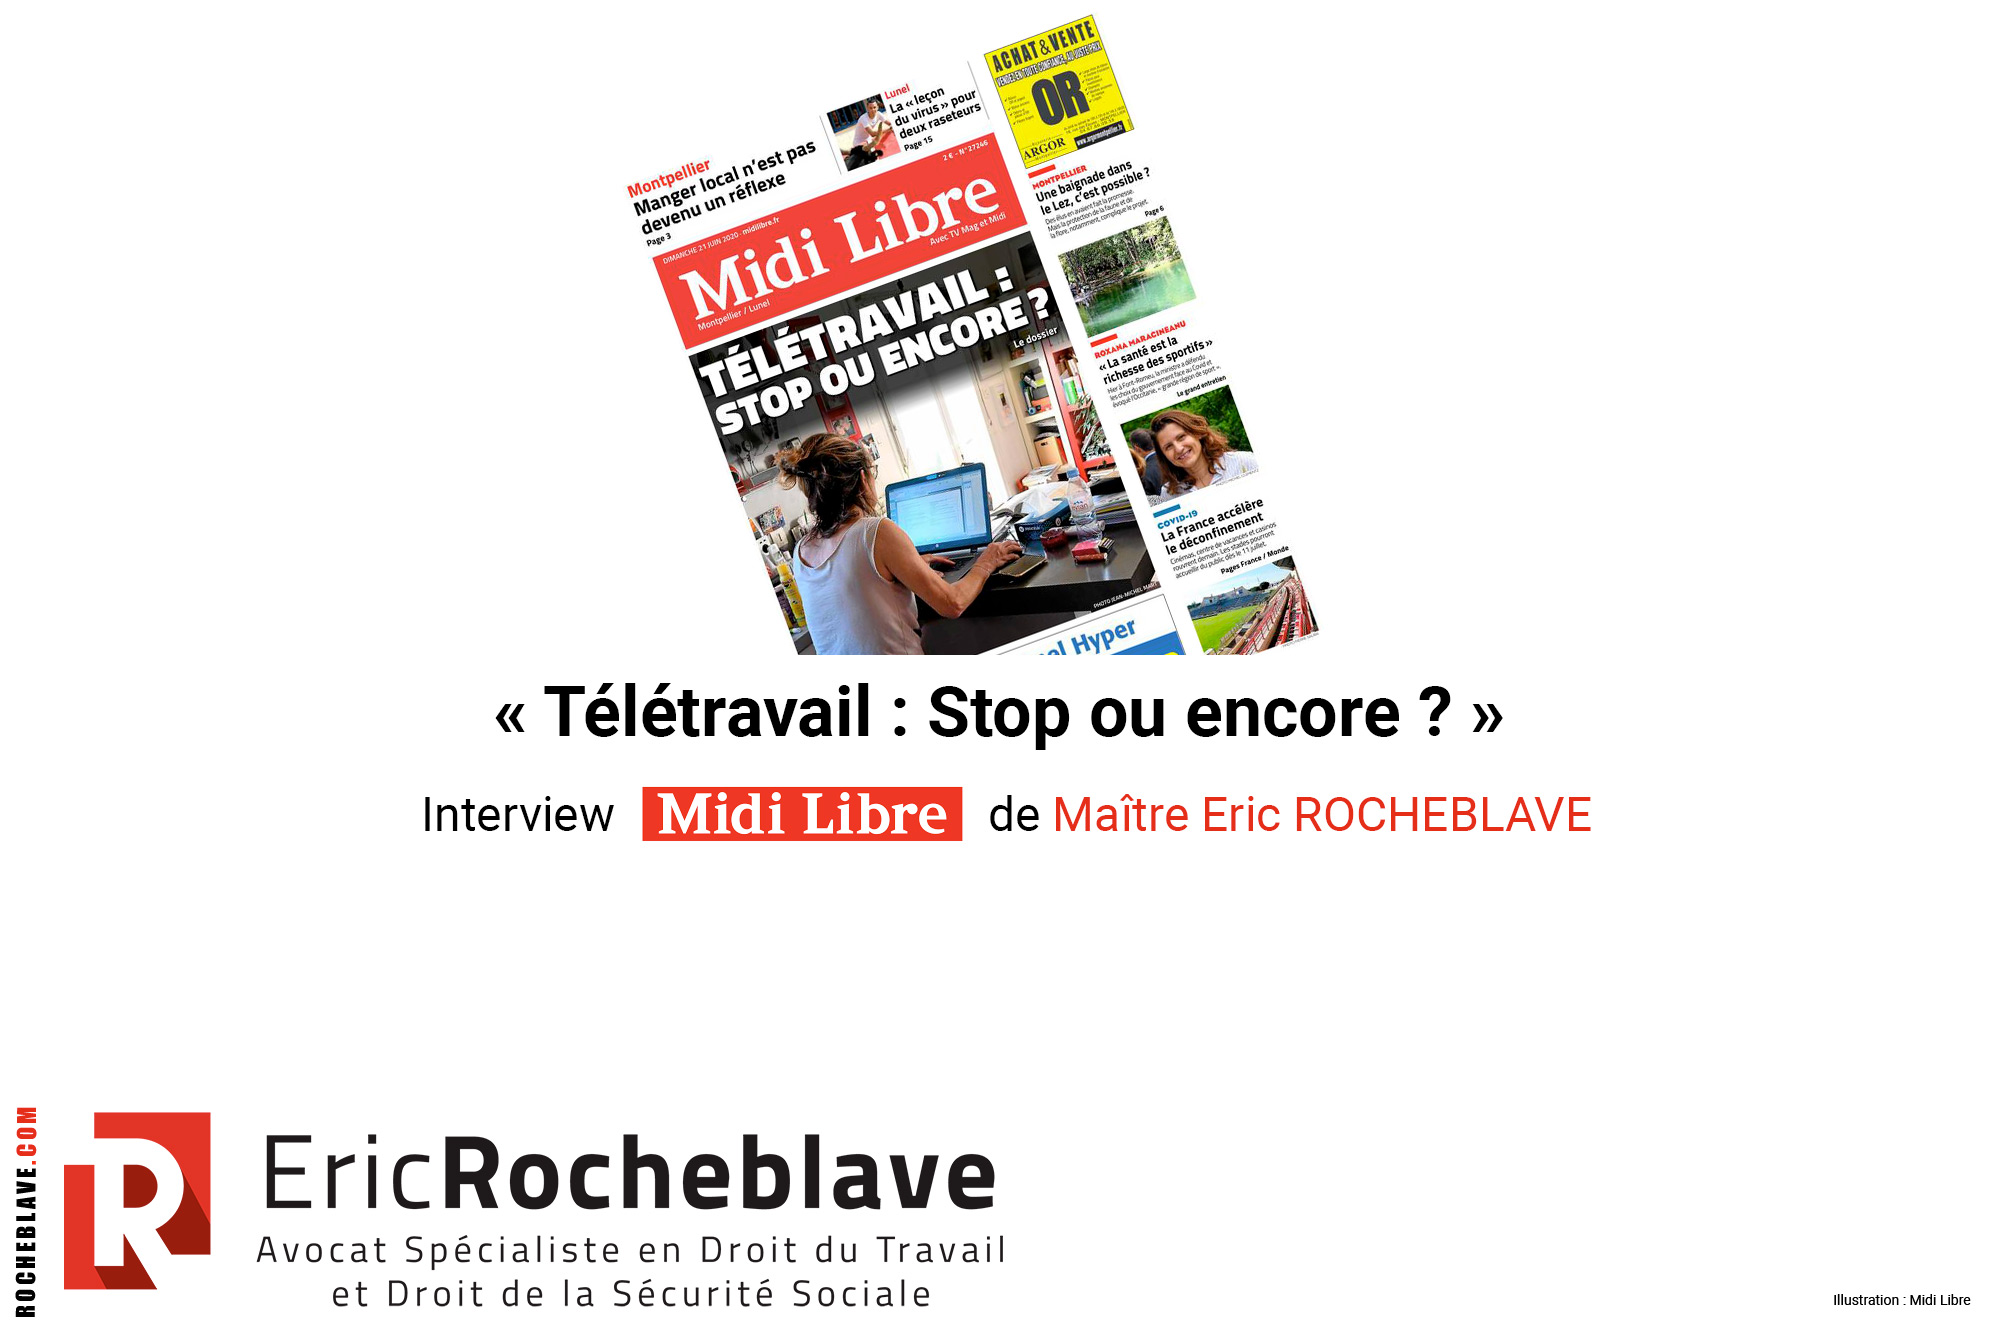 « Télétravail : Stop ou encore ? » Interview Midi Libre de Maître Eric ROCHEBLAVE